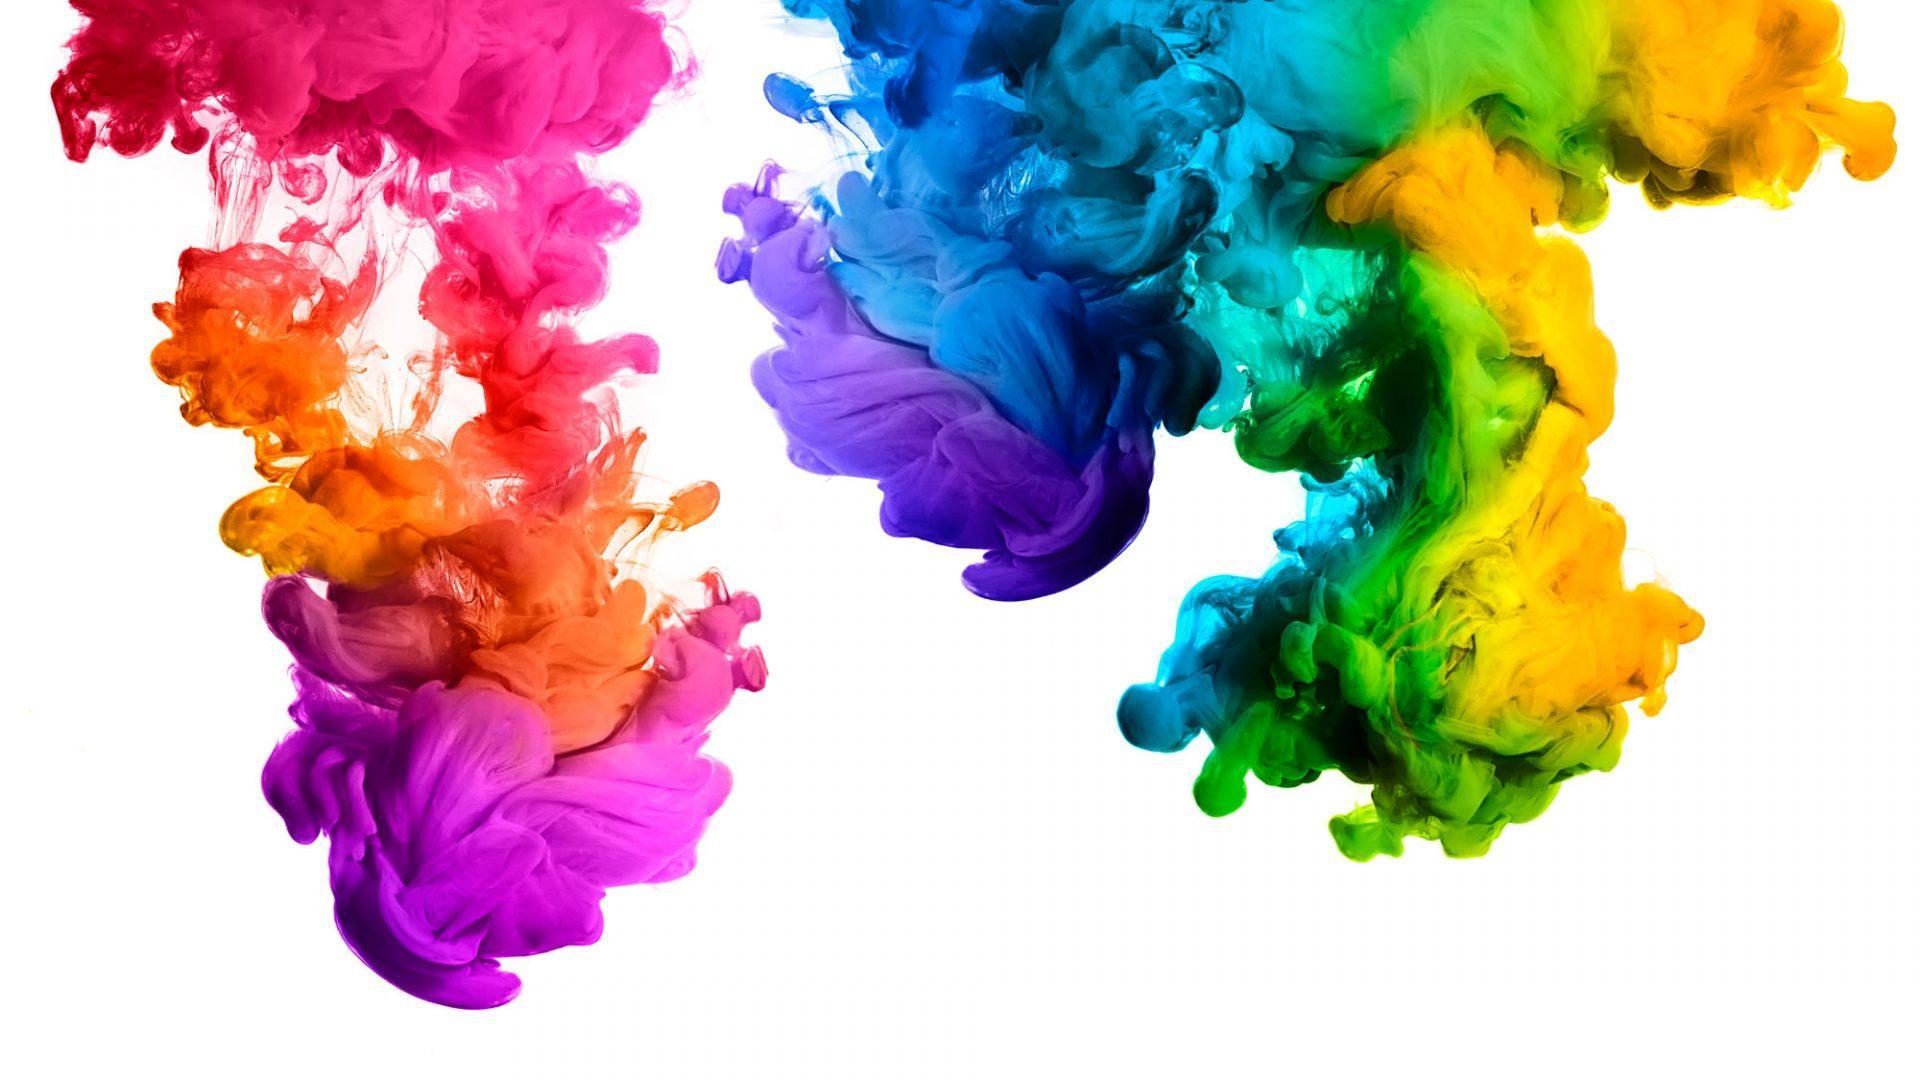 väriterapia täydentävä hoito